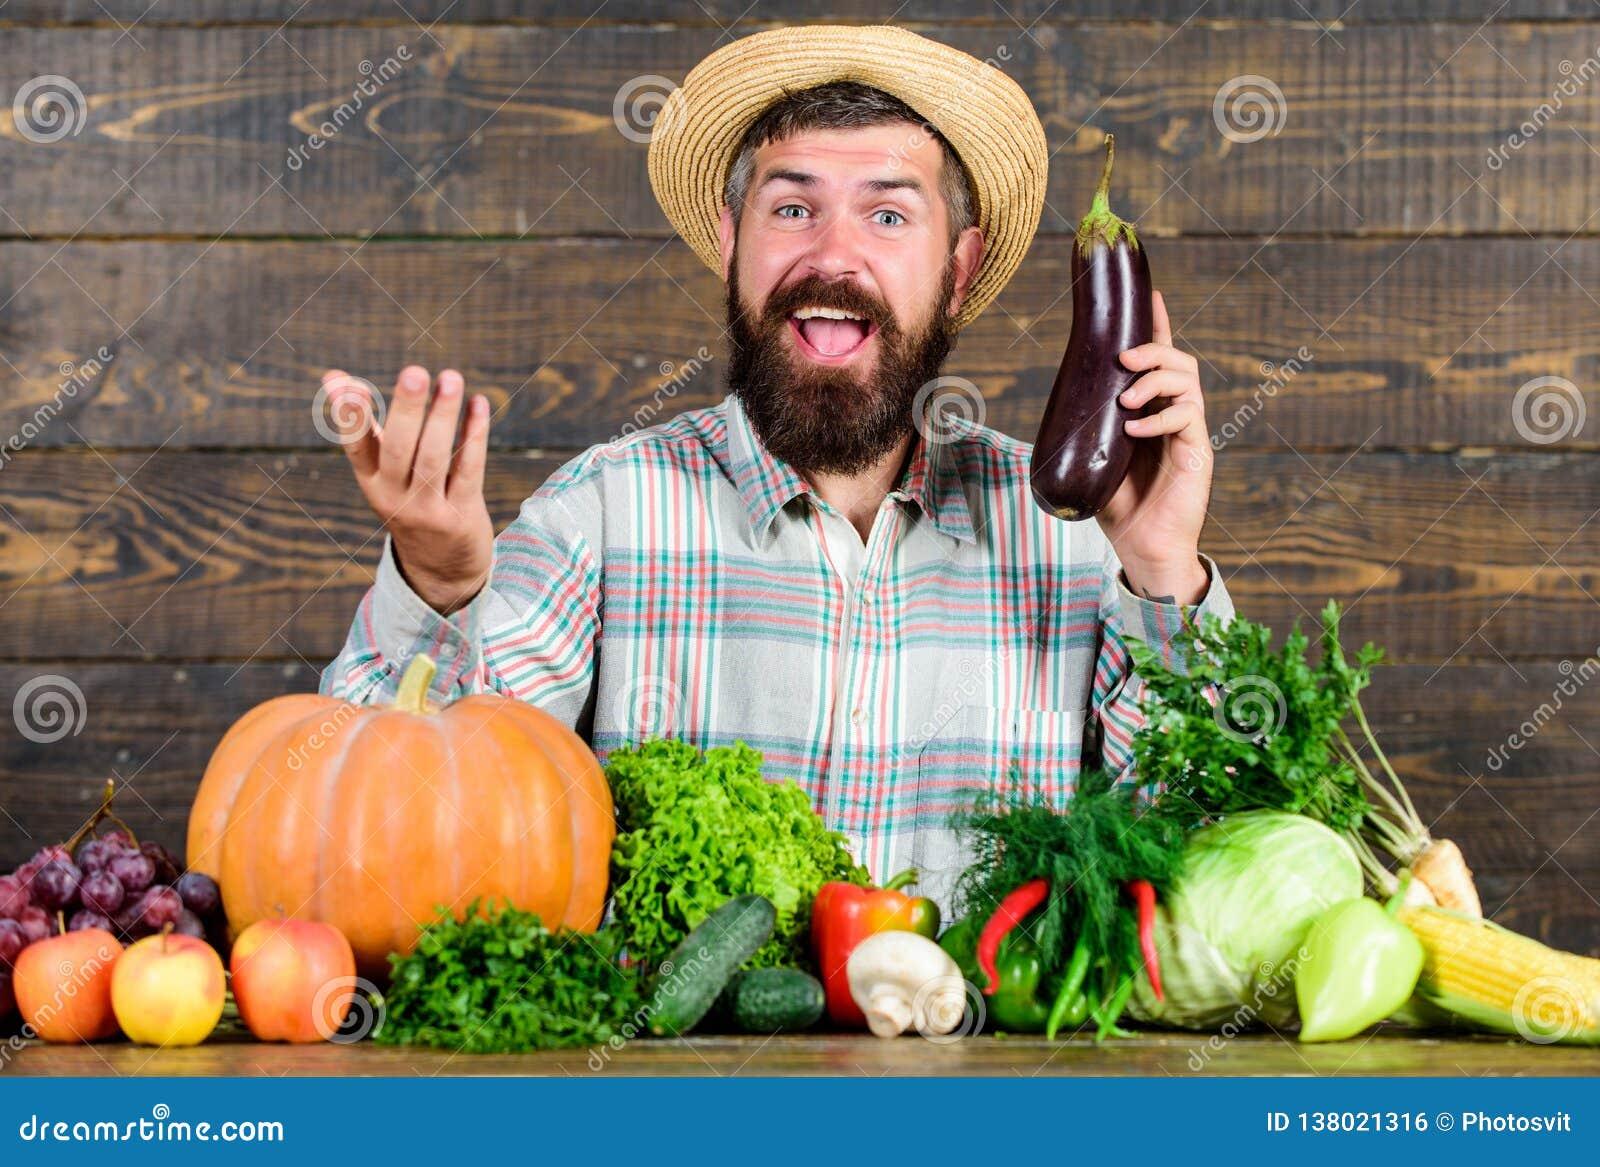 Organisches Gartenbaukonzept Landwirt mit organischem Gemüse Die Gartenarbeit und die Landwirtschaftssysteme schreiben spezifisch